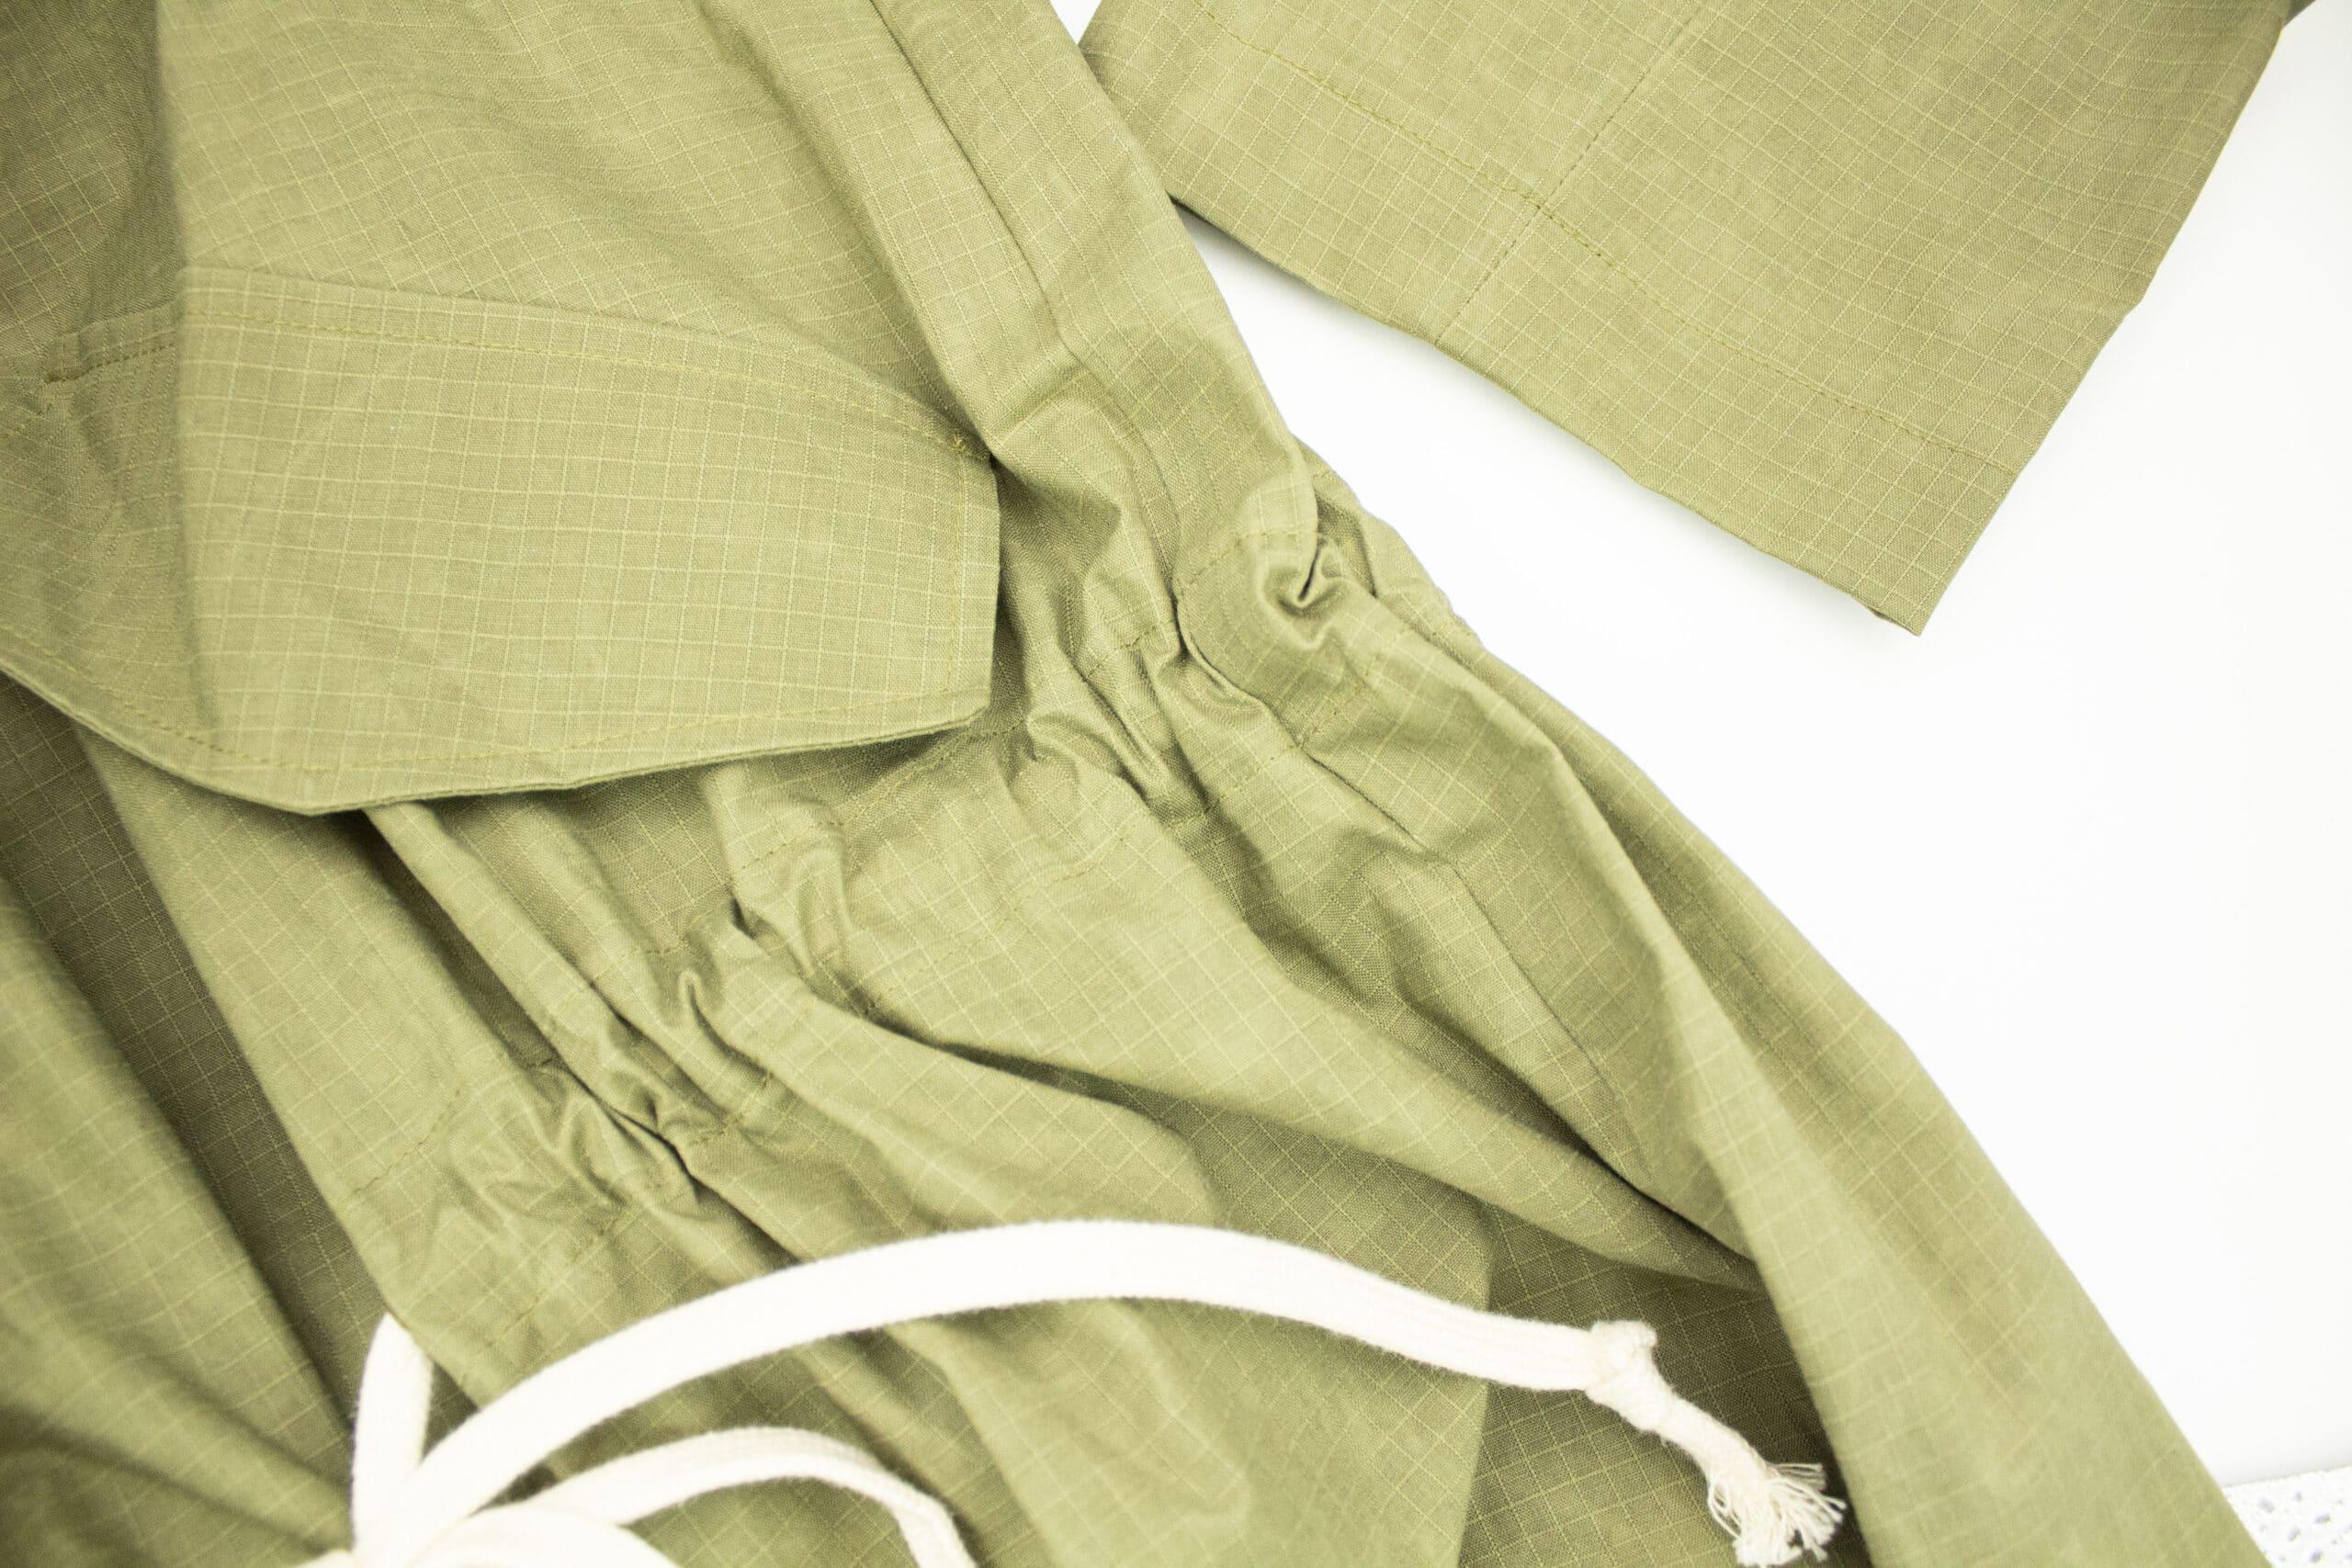 R105 Nebula Dusky green waxed workwear AW21